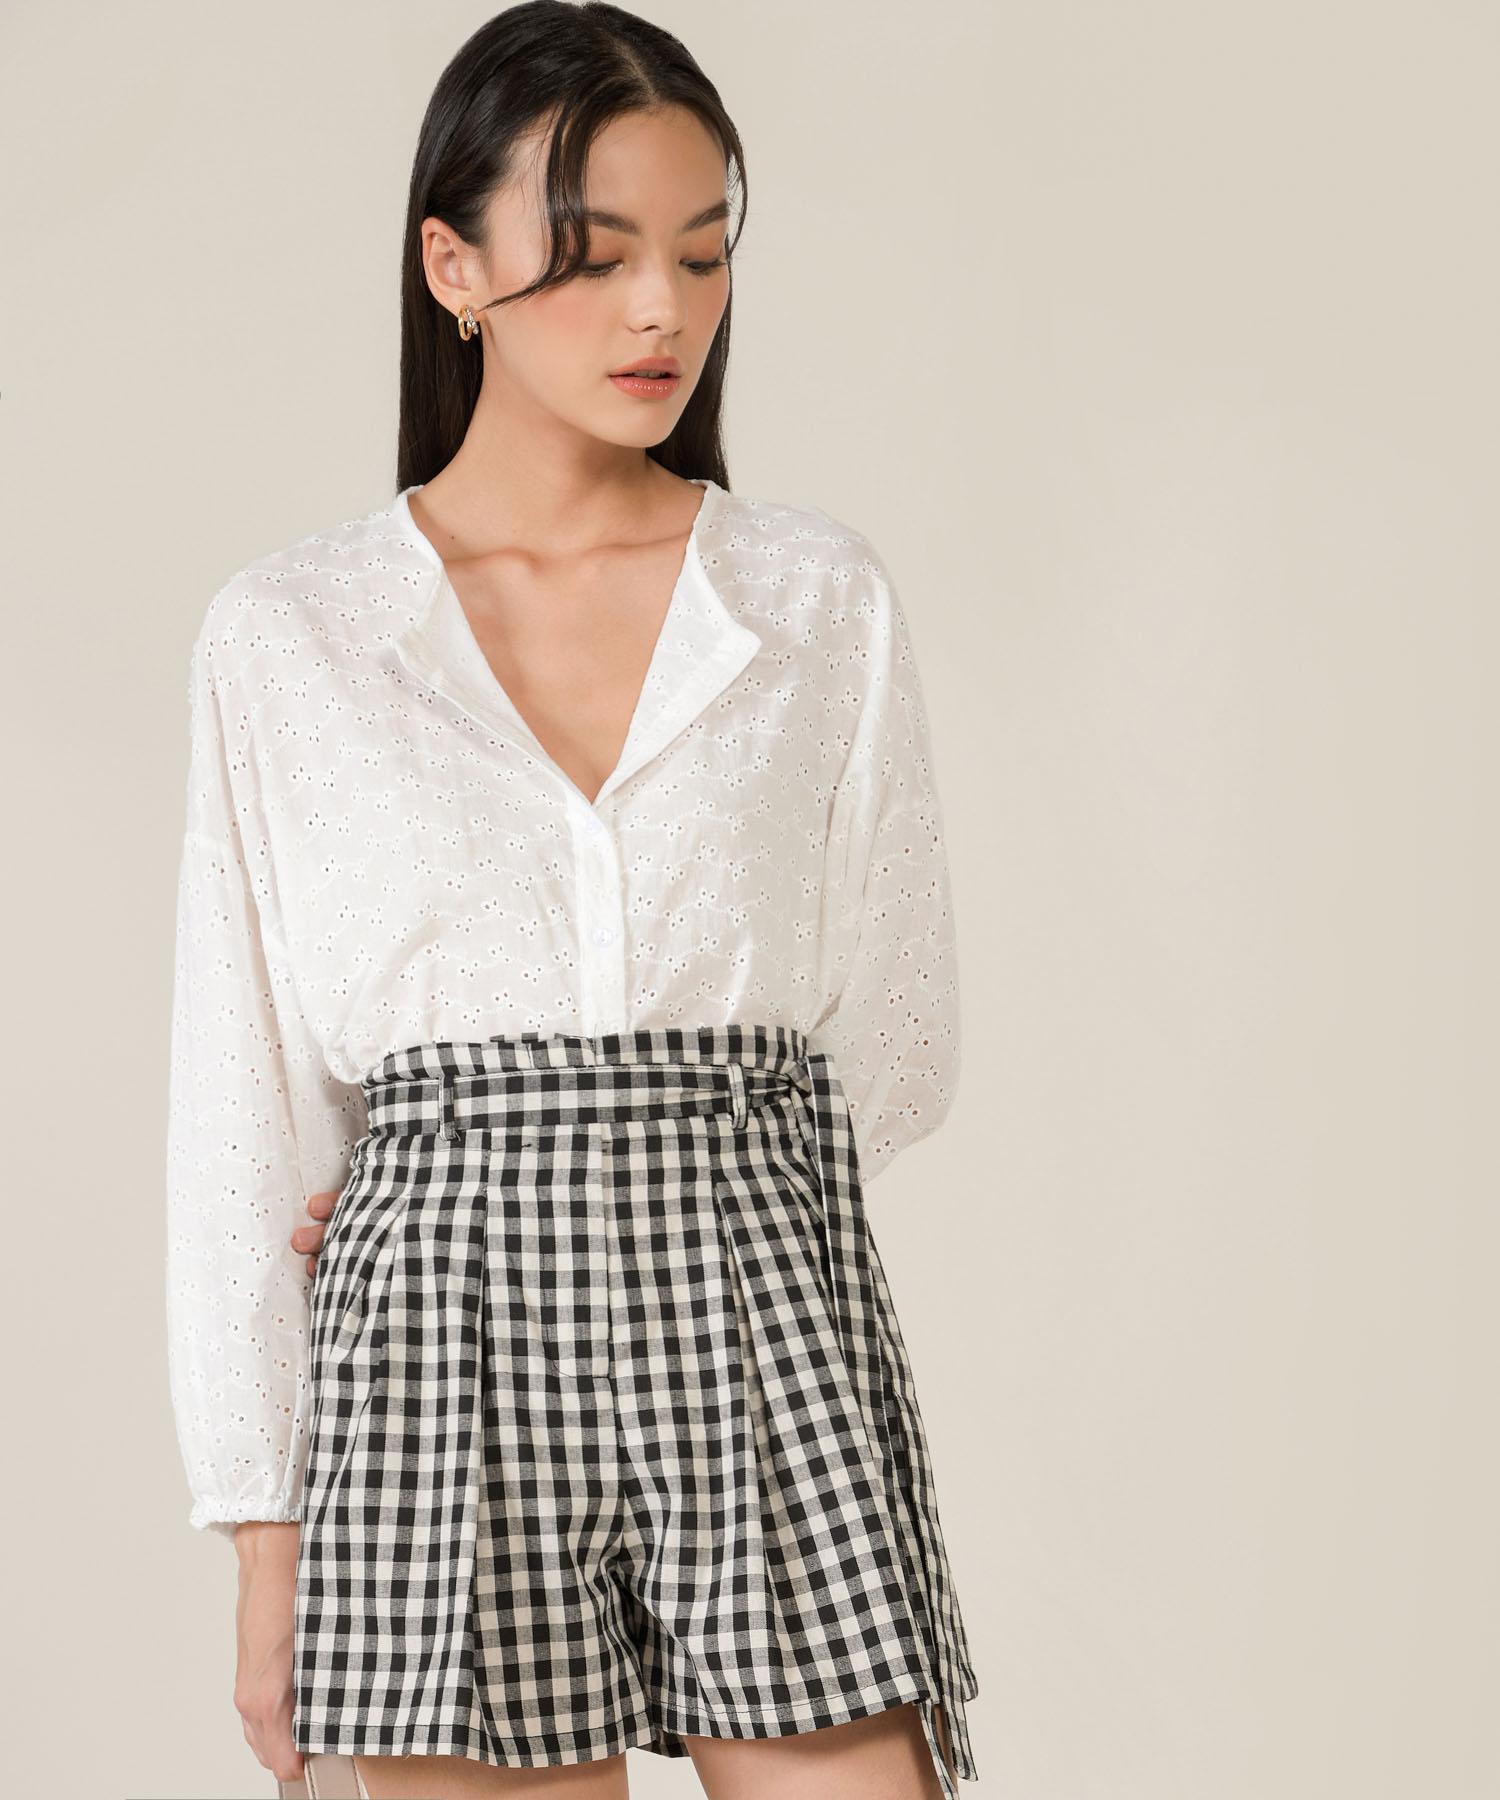 ellone-oversized-eyelet-blouse-white-1